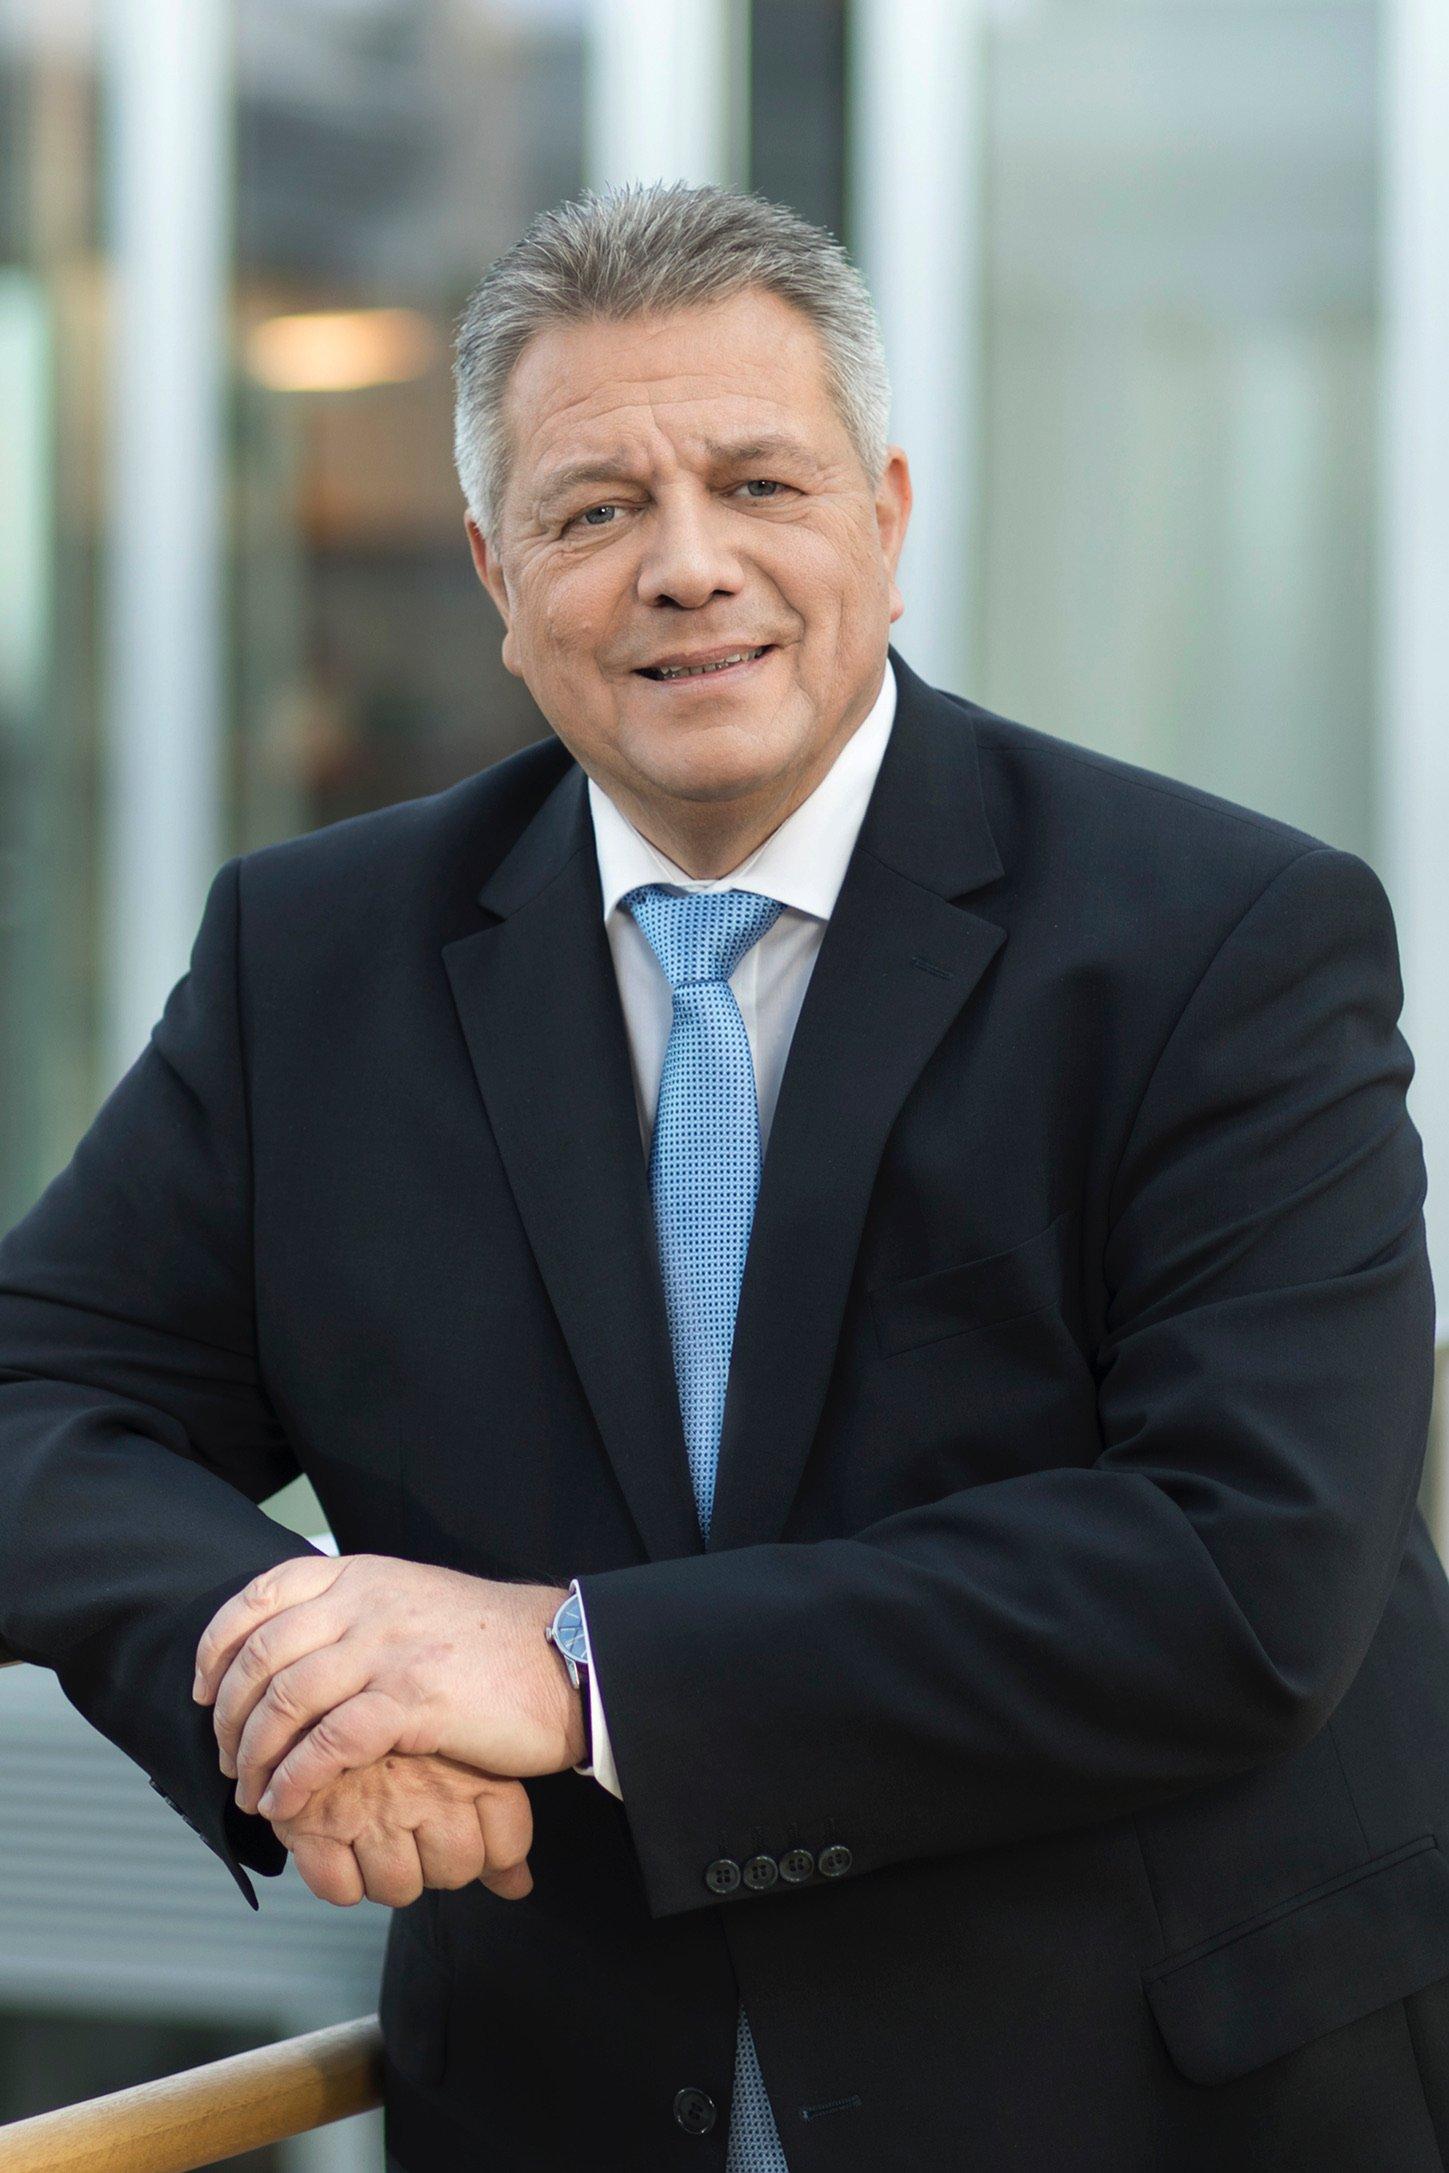 Michael Heidemann, stellvertretender Vorsitzender des Zeppelin Konzerns und Vorsitzender des Aufsichtsrats der Zeppelin Baumaschinen GmbH und der Zeppelin Rental GmbH. Foto: Zeppelin